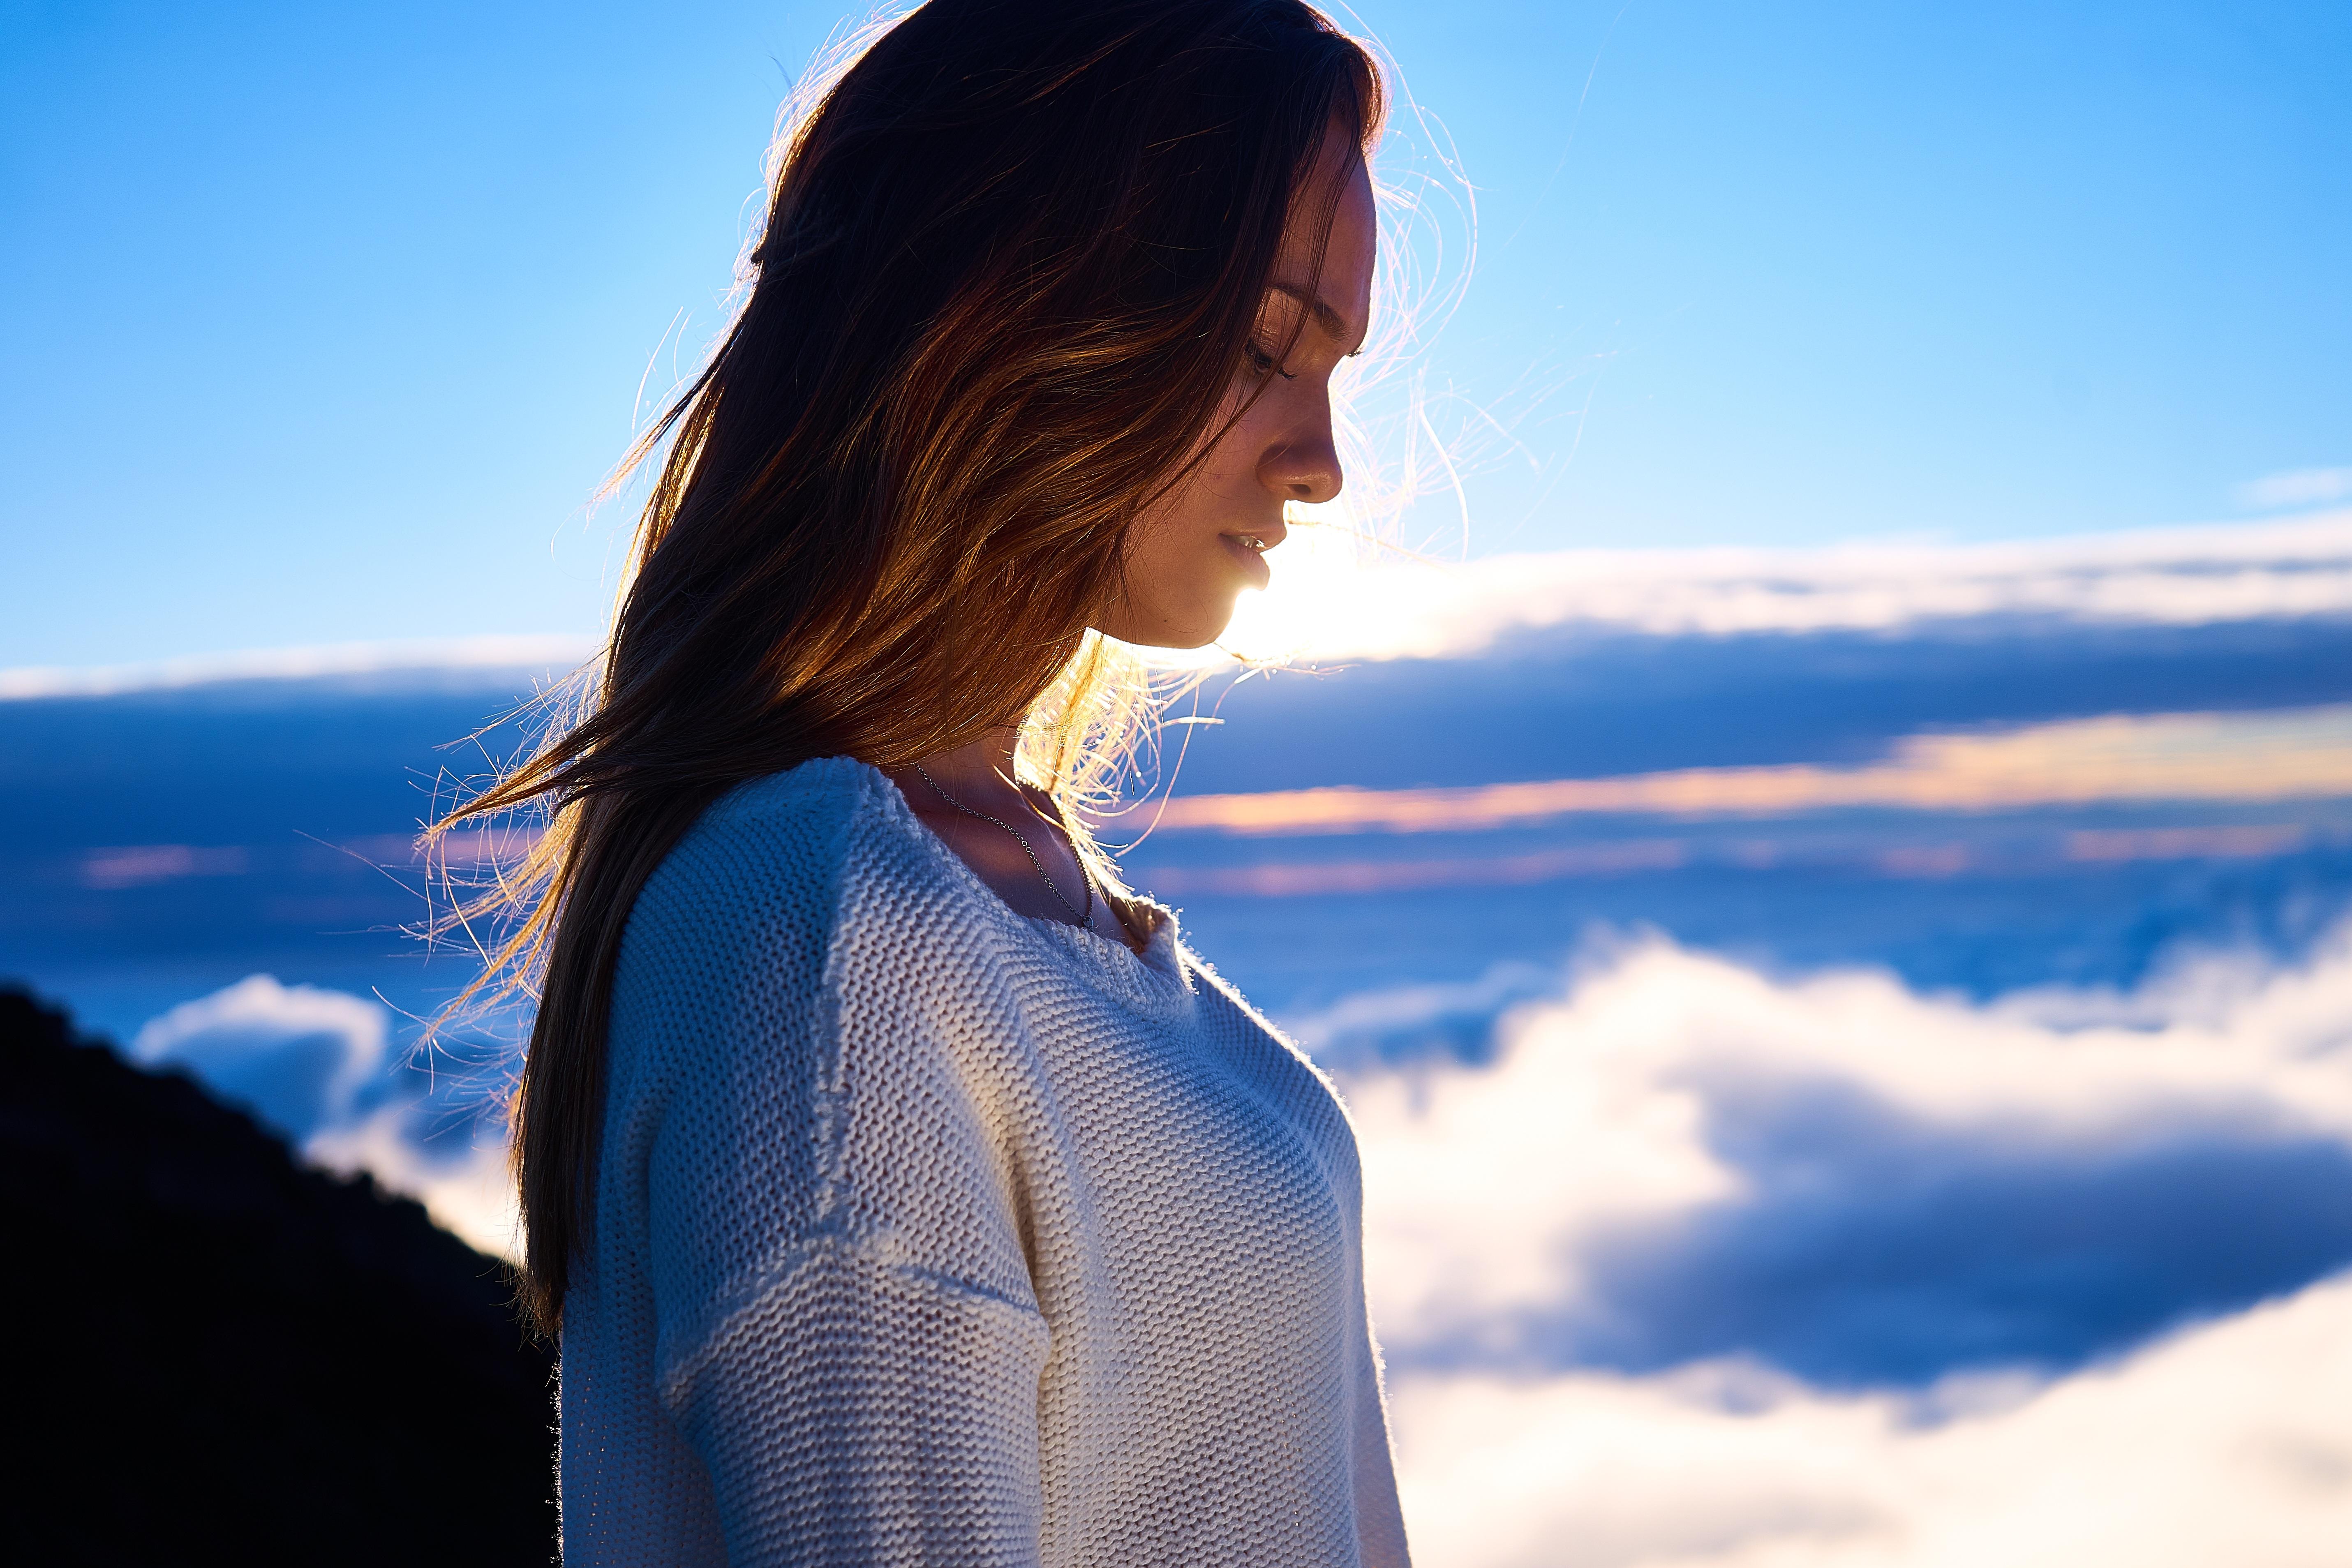 работа смотрящий в небо фото наливаем наливаем